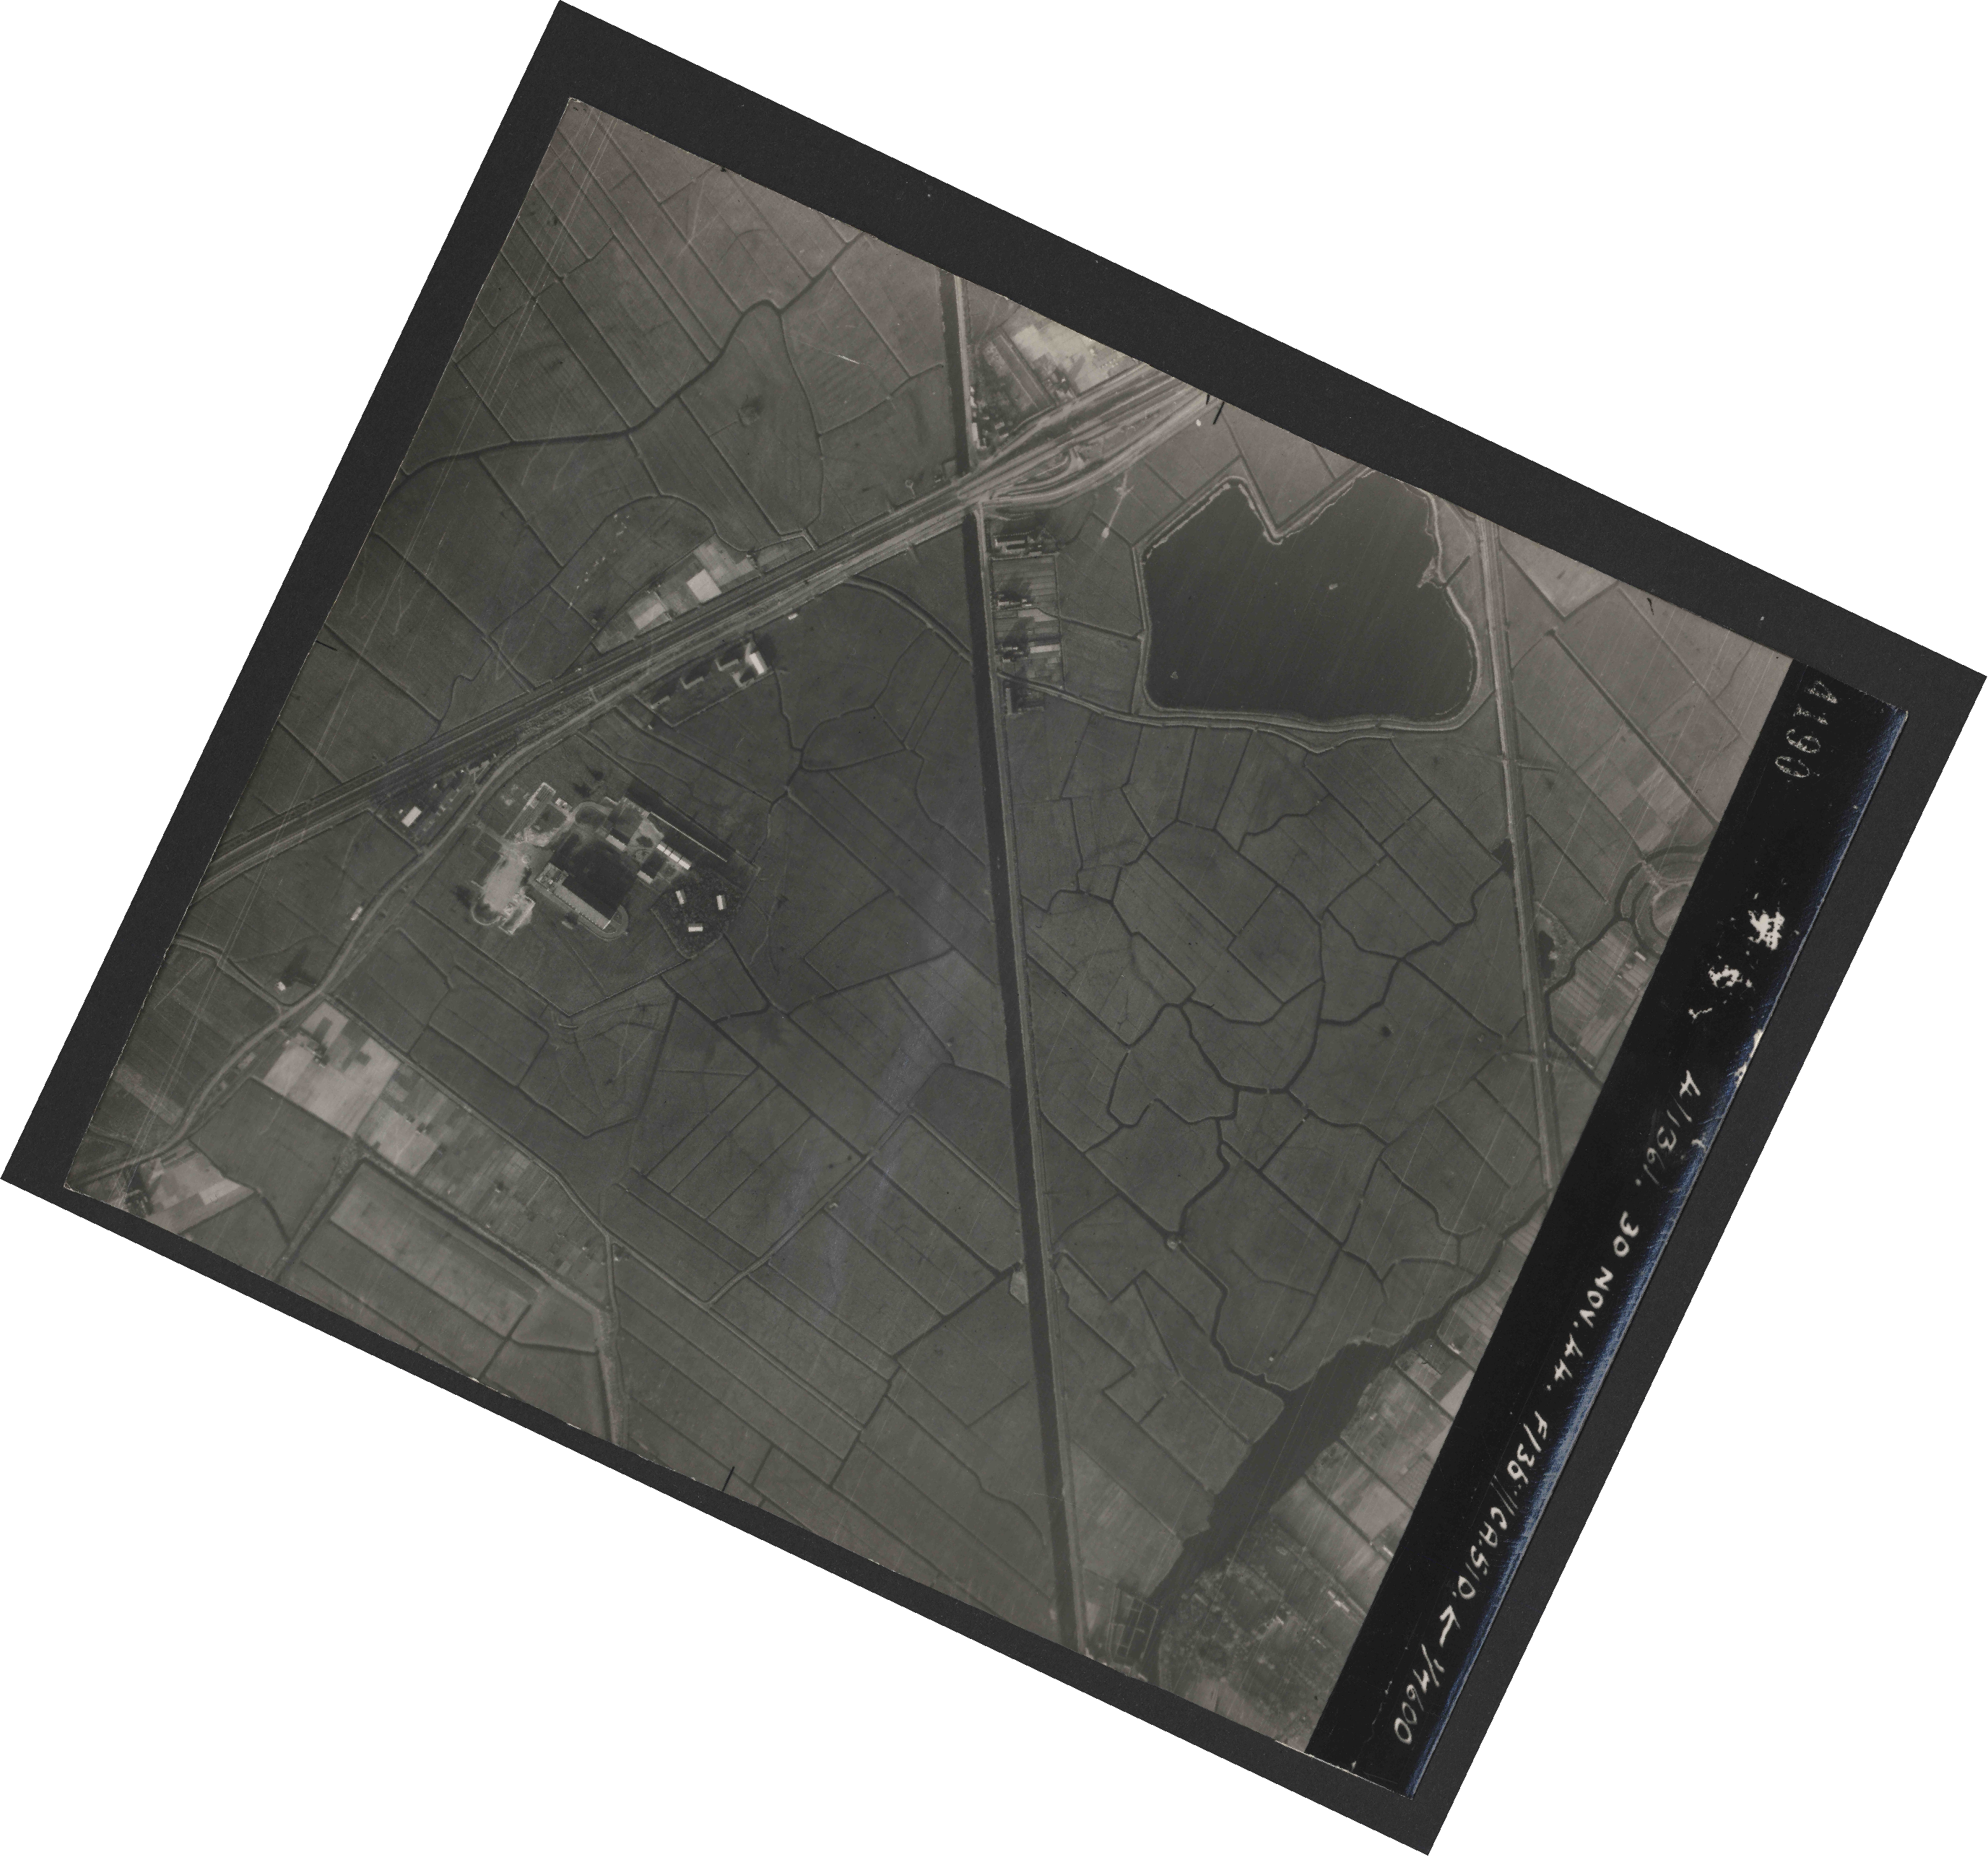 Collection RAF aerial photos 1940-1945 - flight 151, run 04, photo 4190